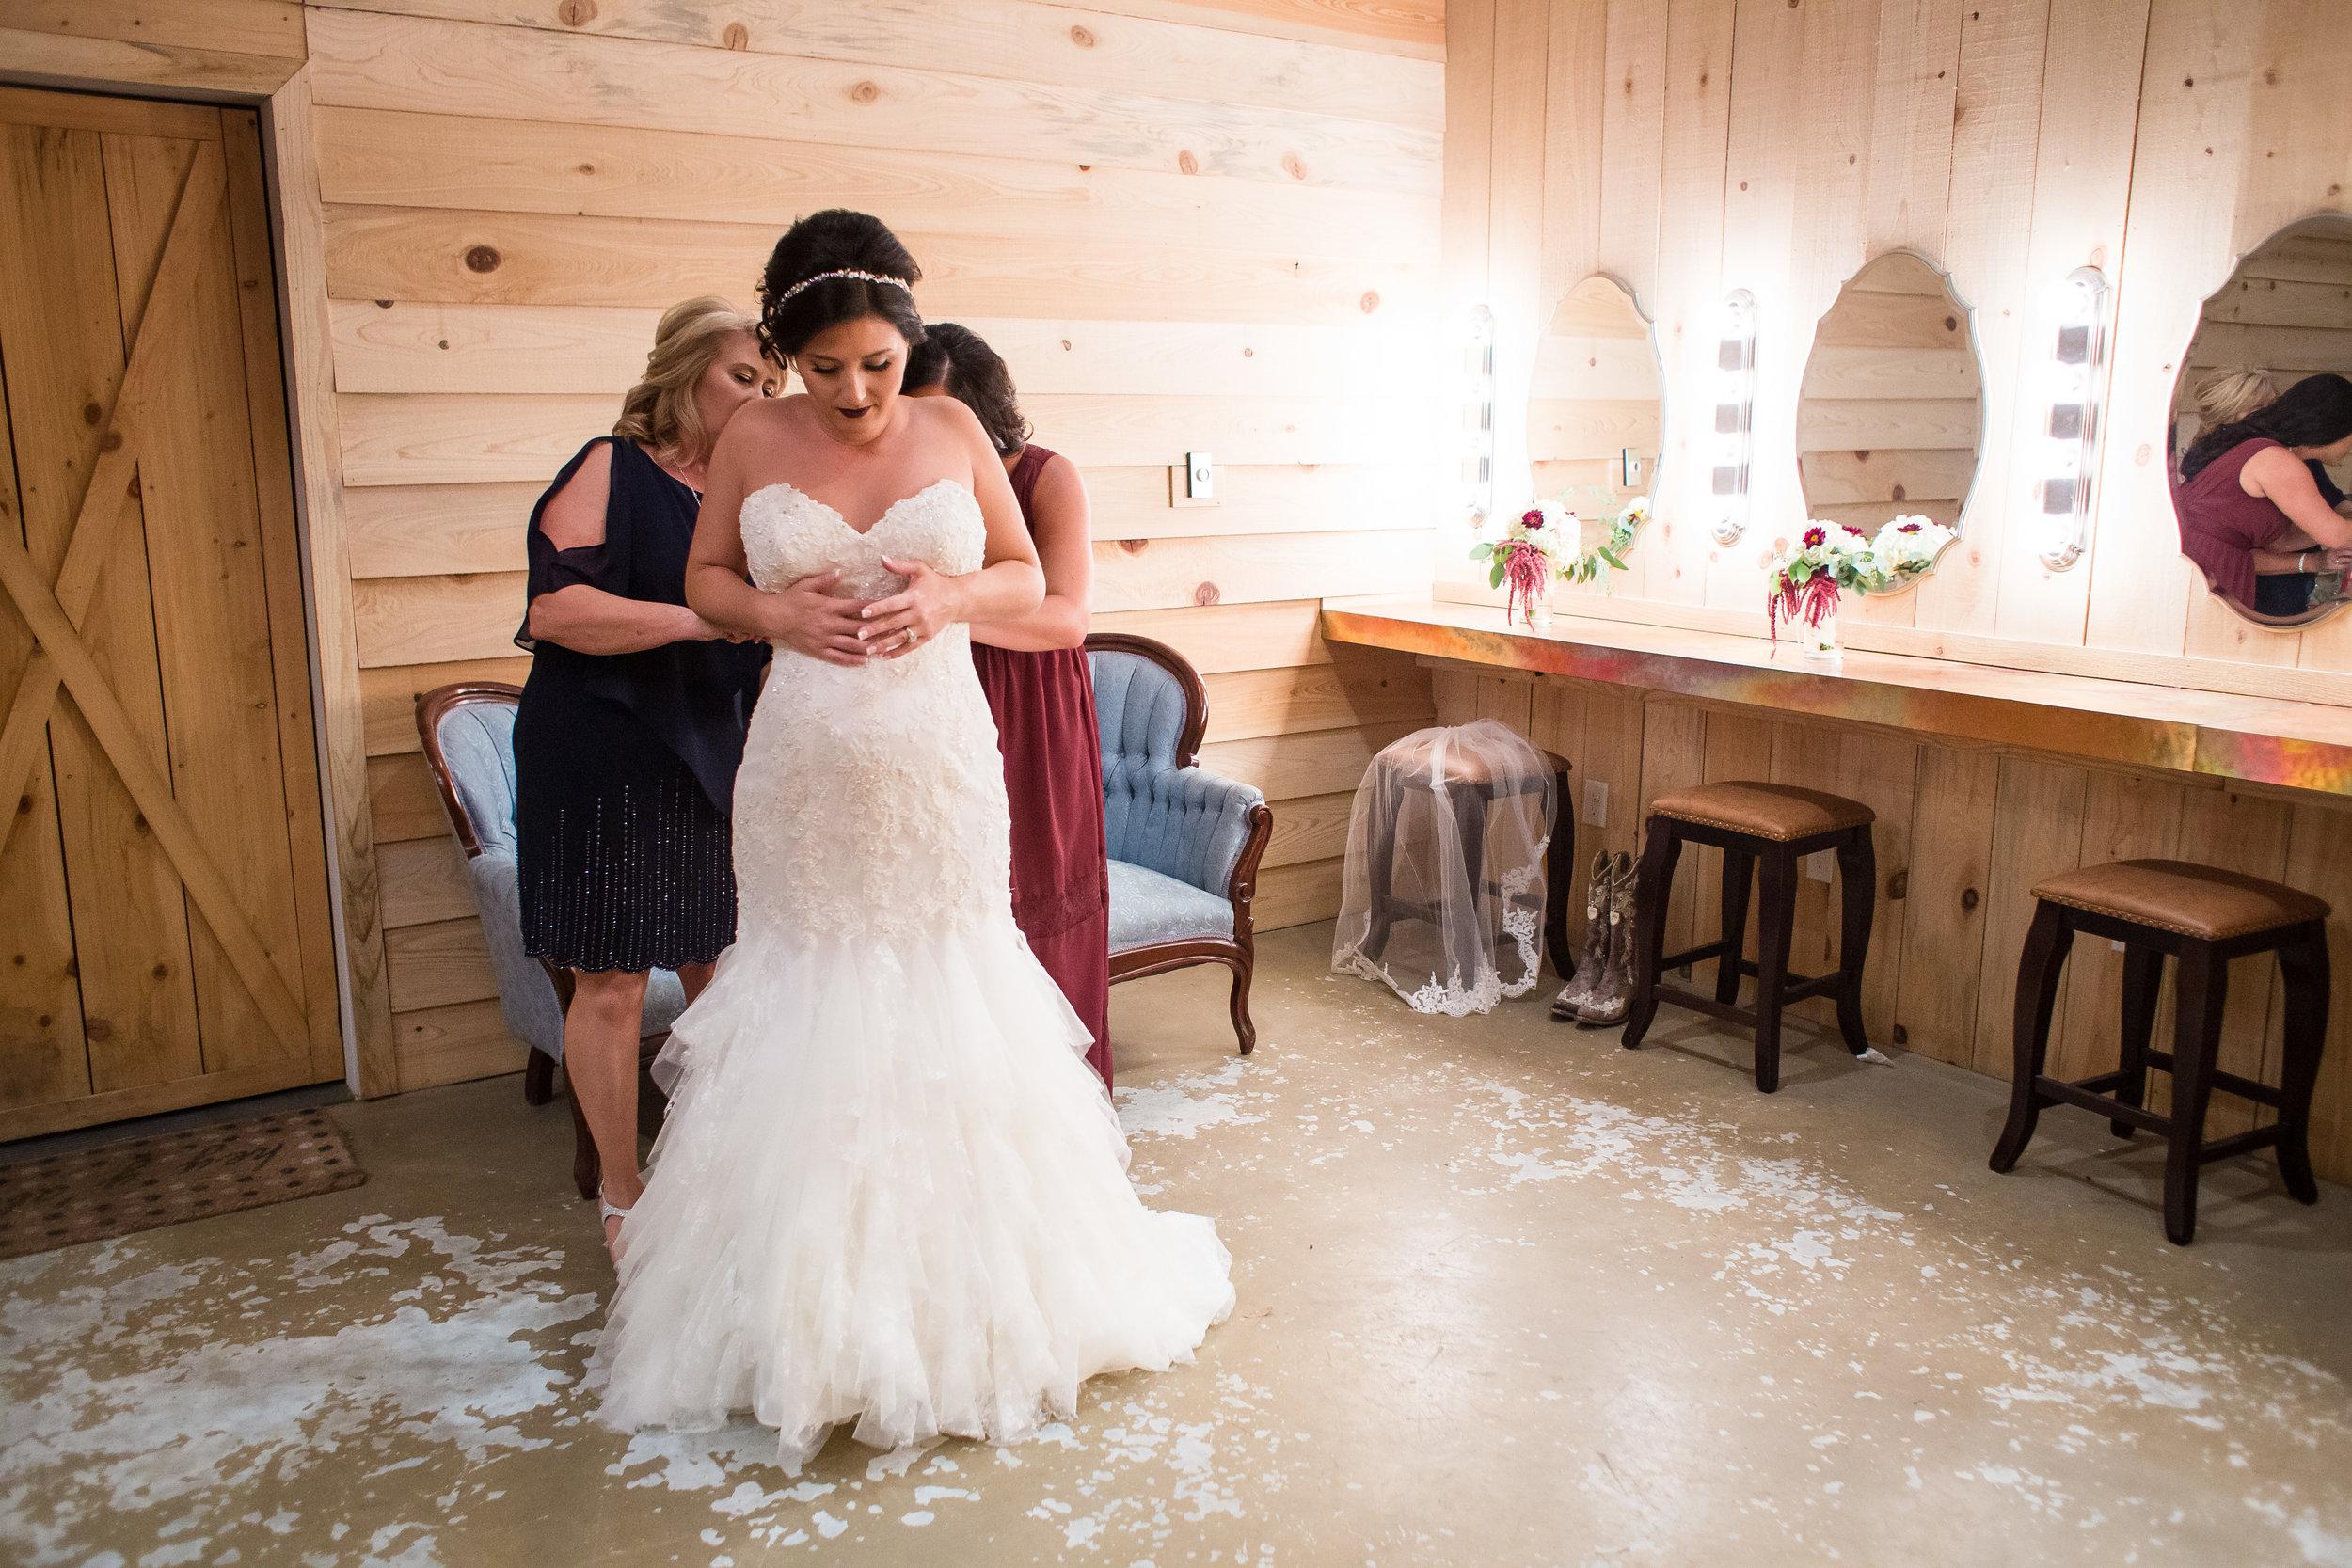 Barn-Wedding-Ates-Ranch-Wedding-Photo-Photography-Video-Videography-Pensacola-Florida-Courtney-Clint-11.jpg